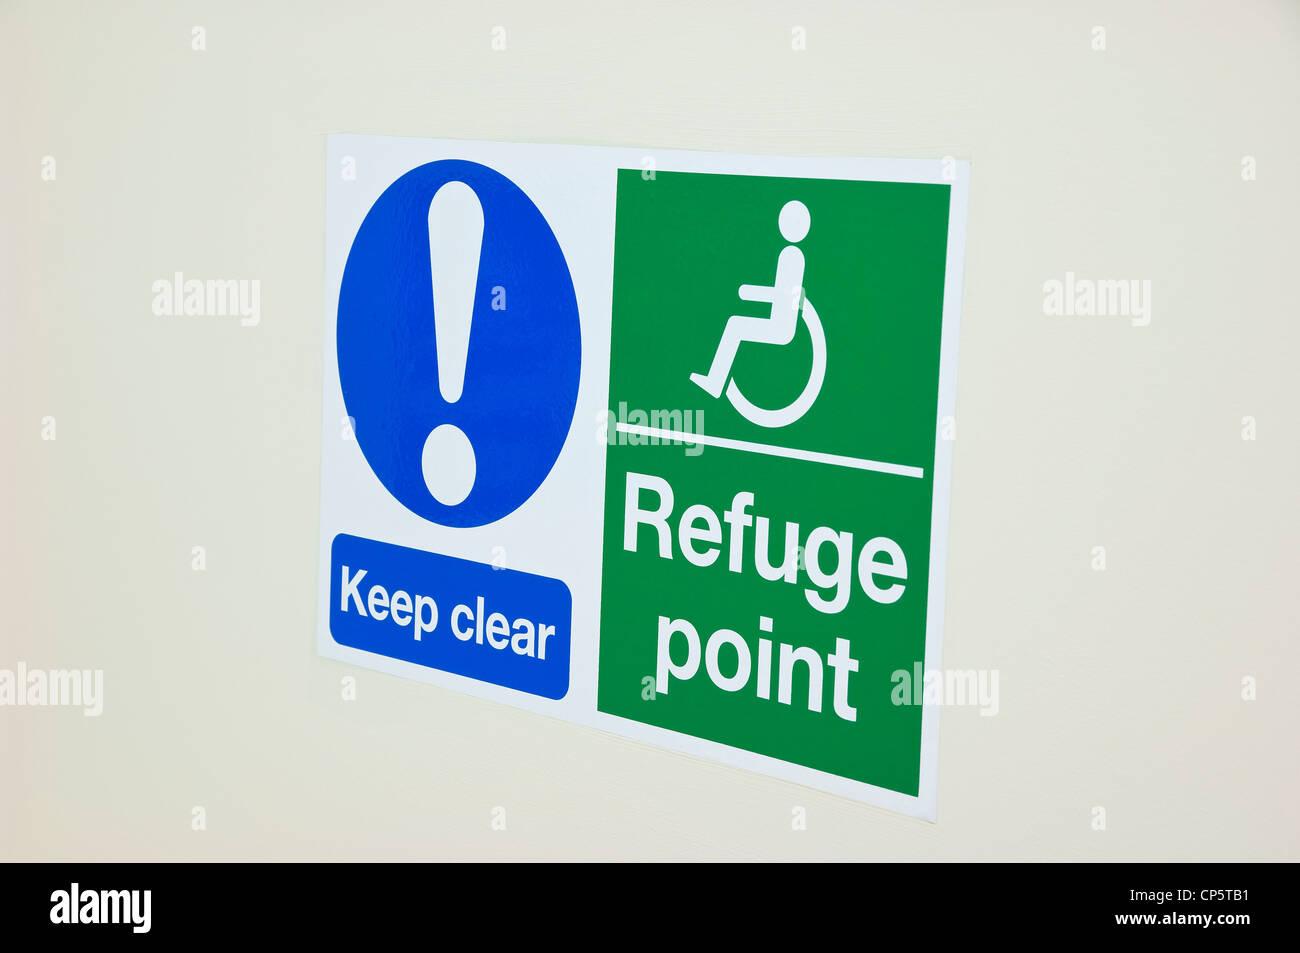 Sedia a rotelle disabilità rifugio punto firmare Immagini Stock